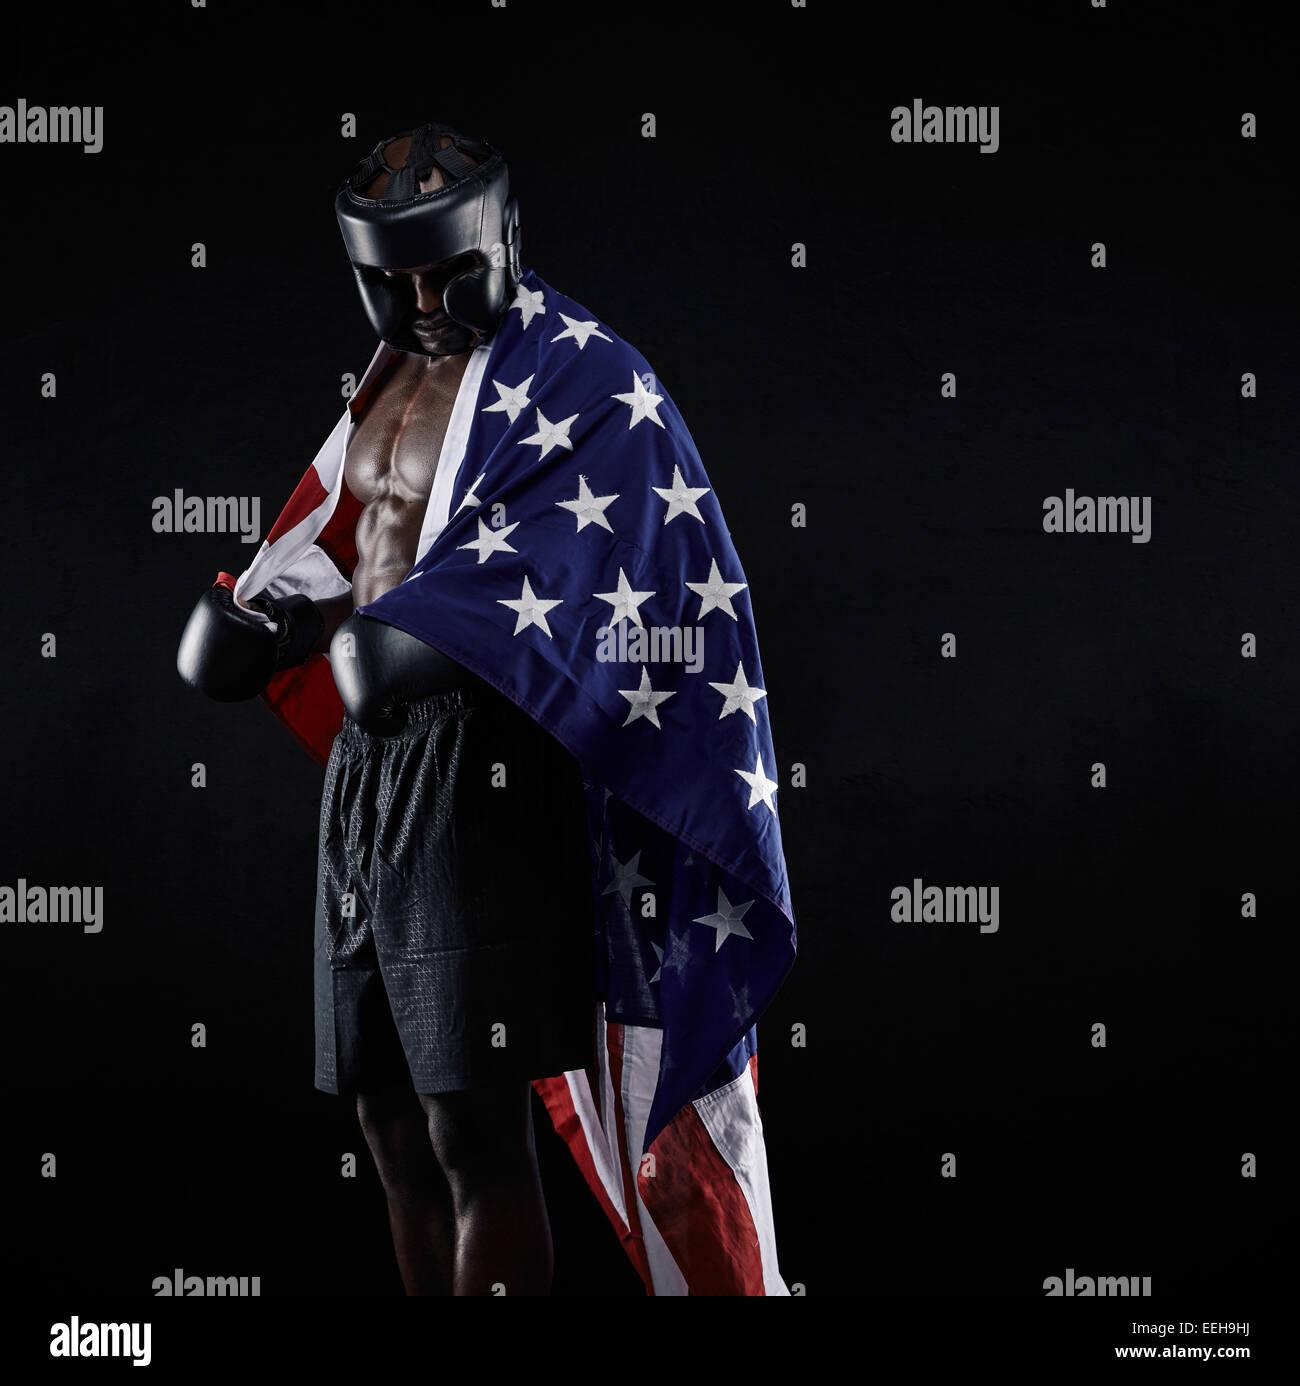 Retrato del boxeador afroamericano con la bandera americana envueltas alrededor de su cuerpo contra el fondo negro Imagen De Stock